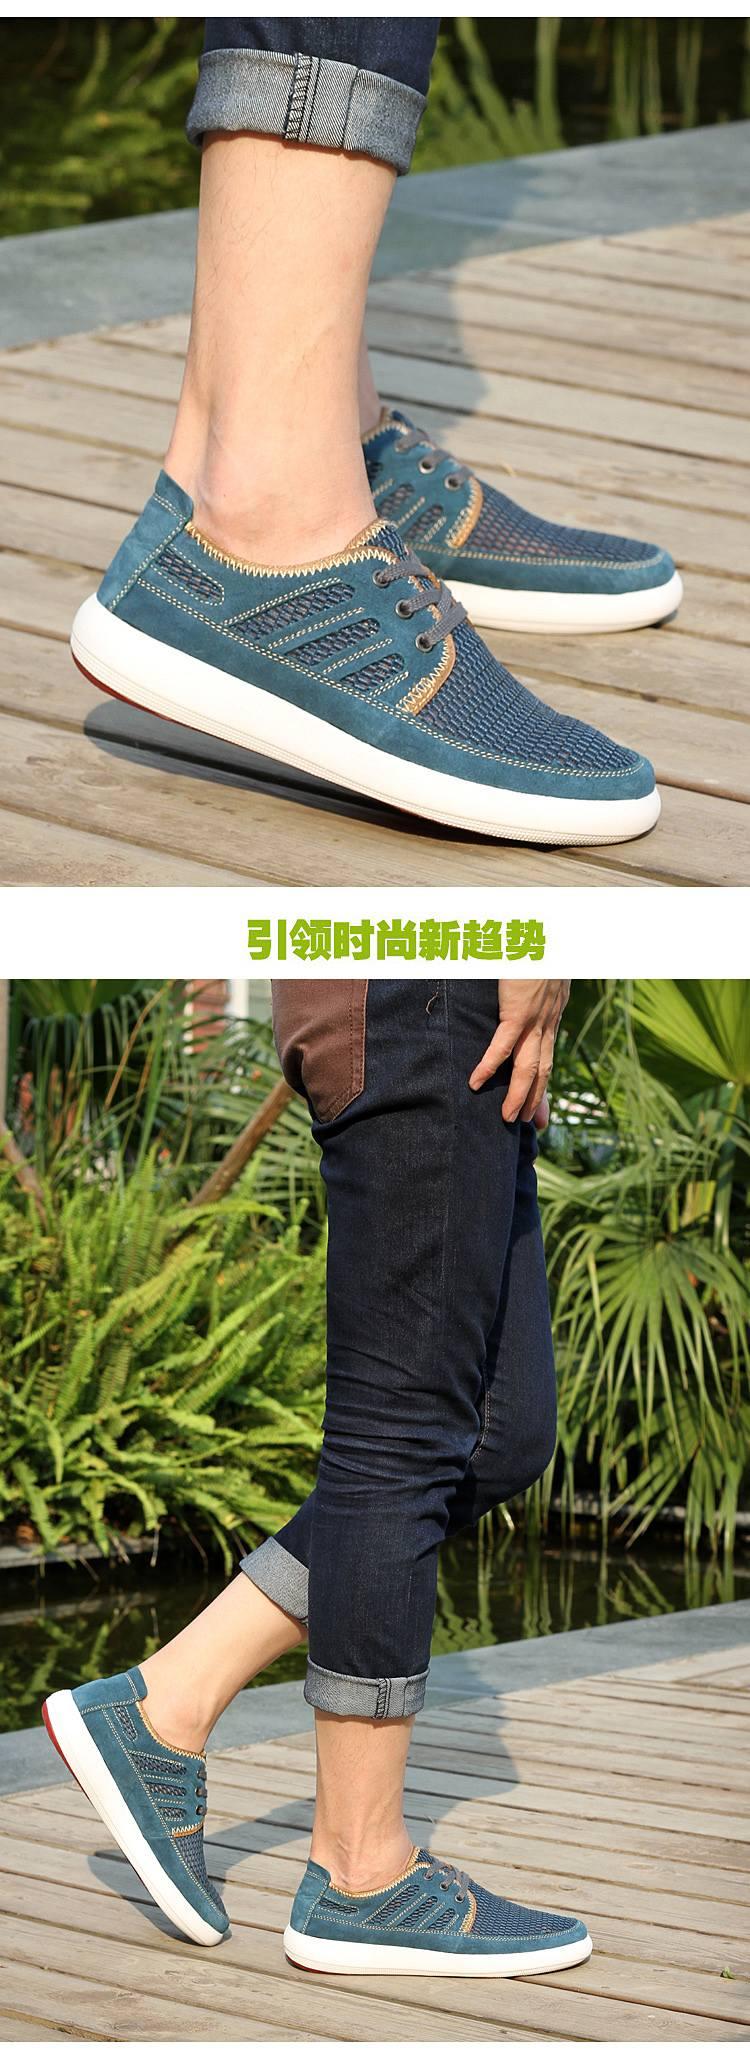 雷迪博德男休闲鞋春夏季新款男士板鞋韩版潮鞋